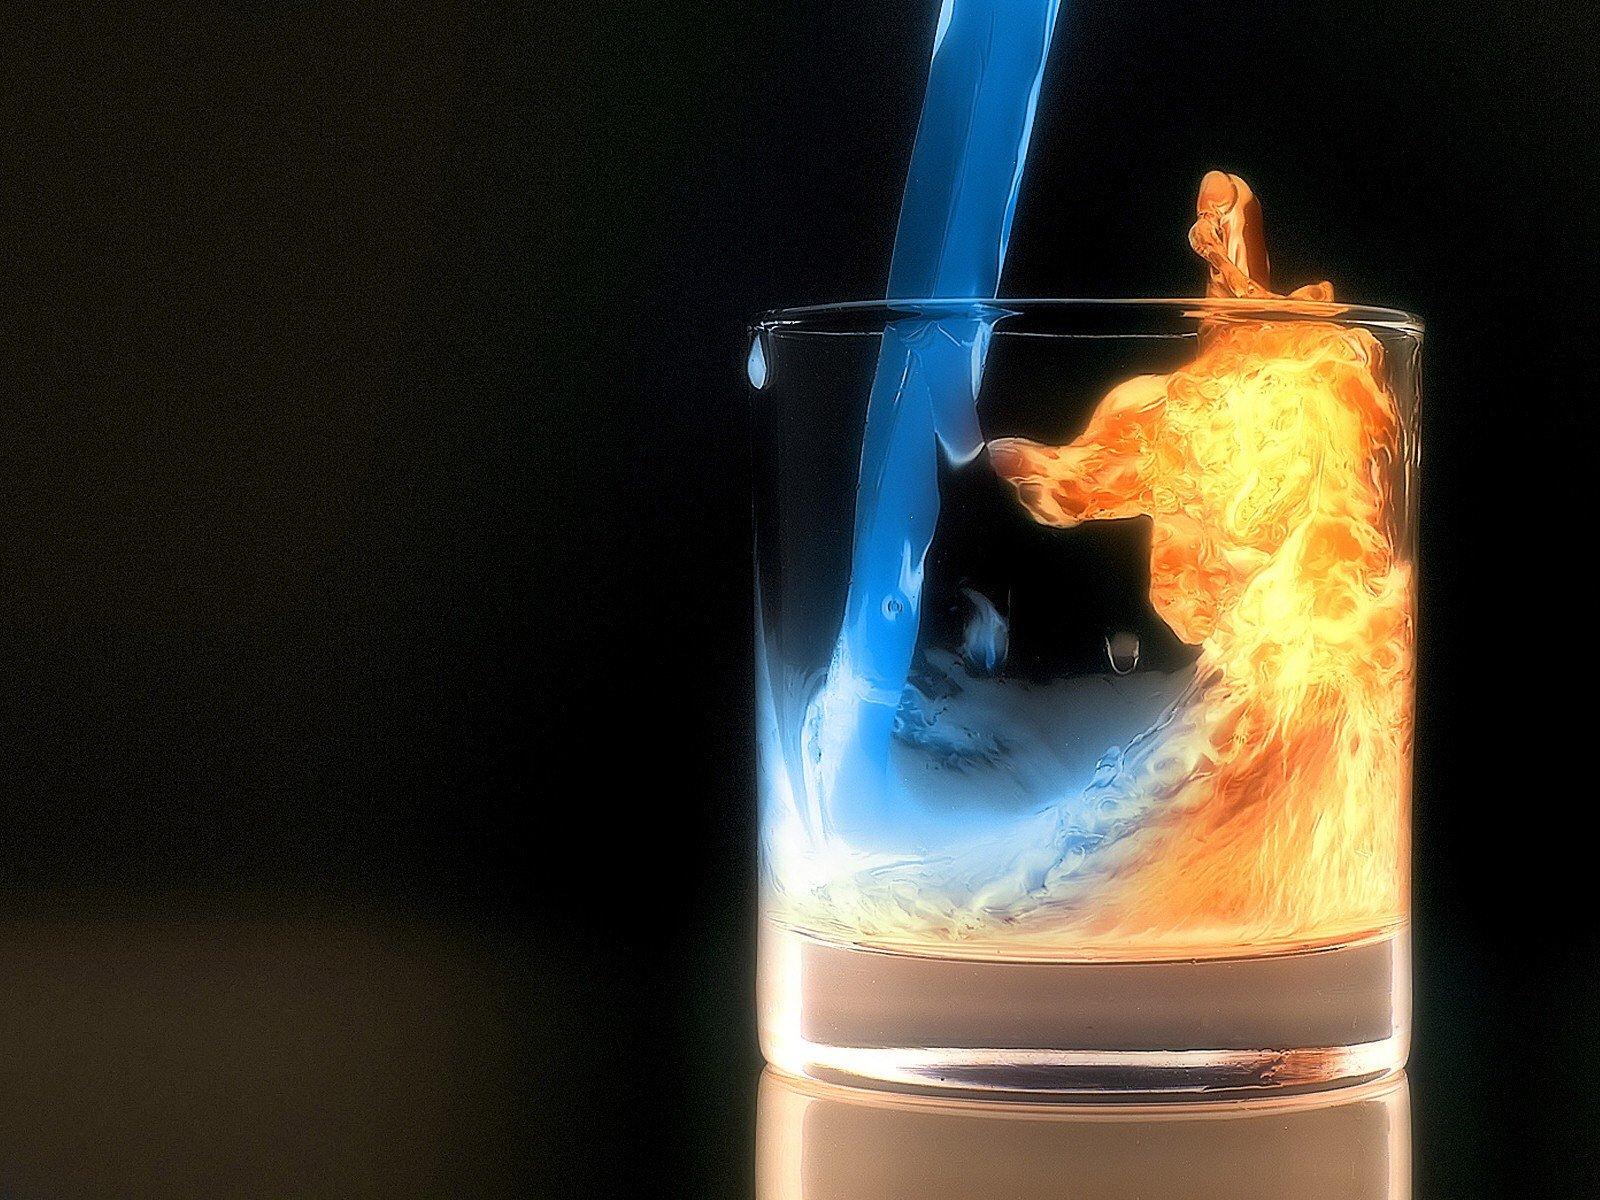 препарат почему мы можем смотреть на огонь воду вечно Ваш Инстаграм